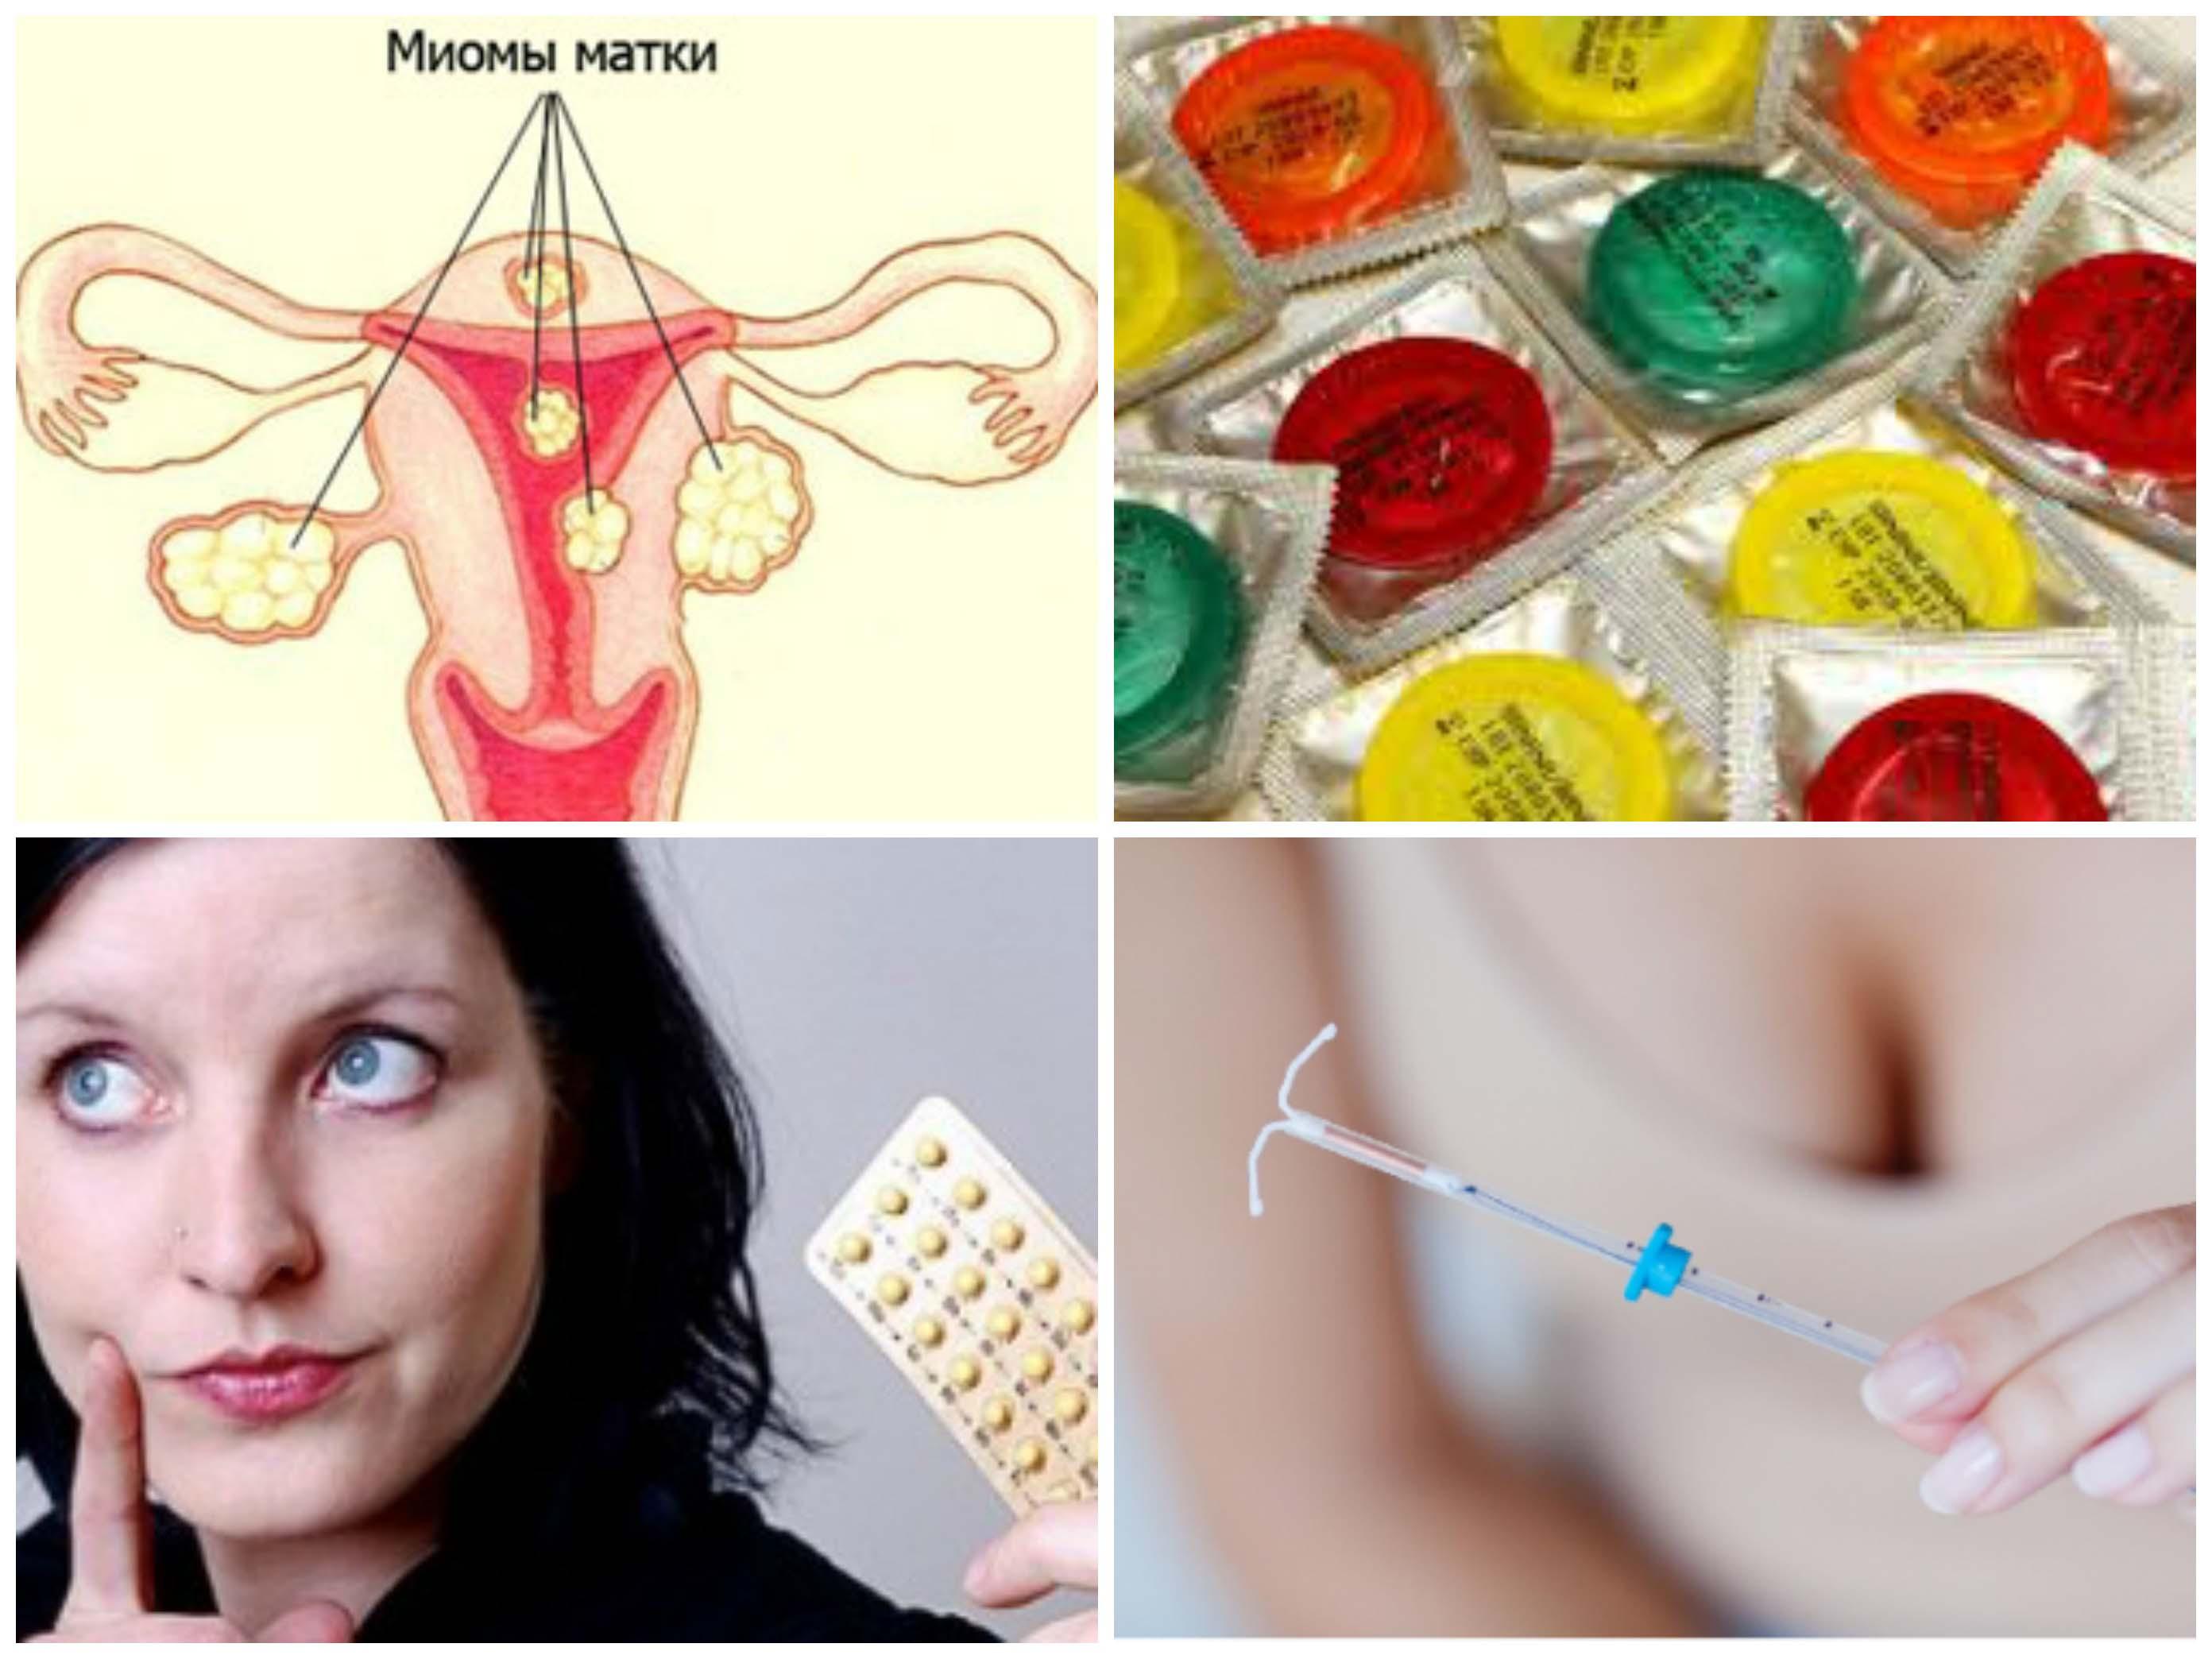 Негормональные противозачаточные средства